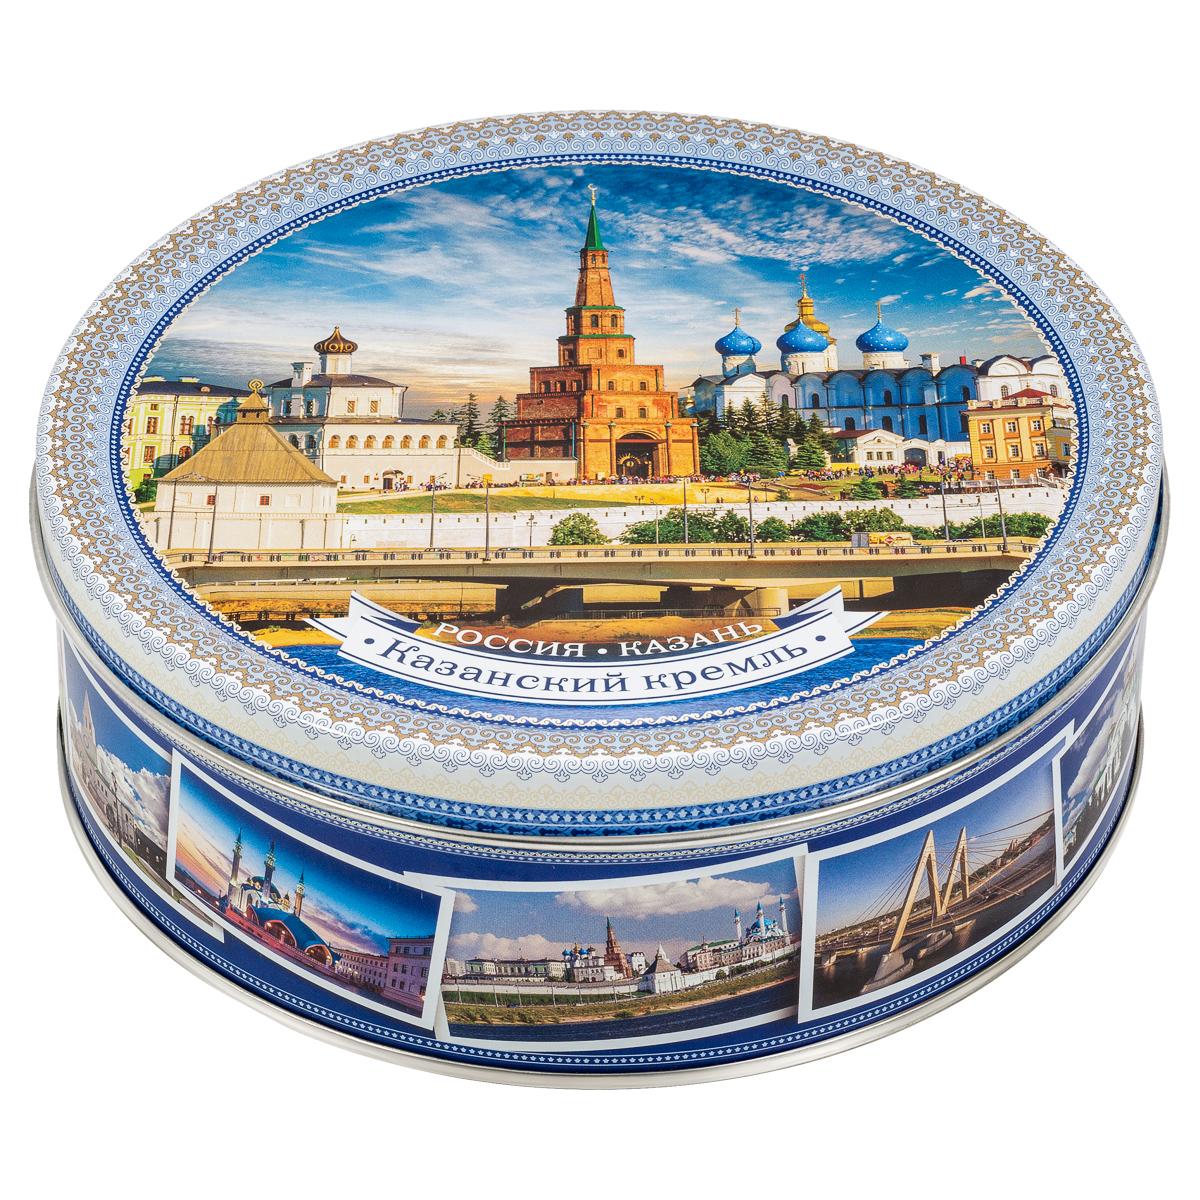 Monte Christo Казань Казанский кремль печенье сдобное, 400 г кровати купить в г иваново